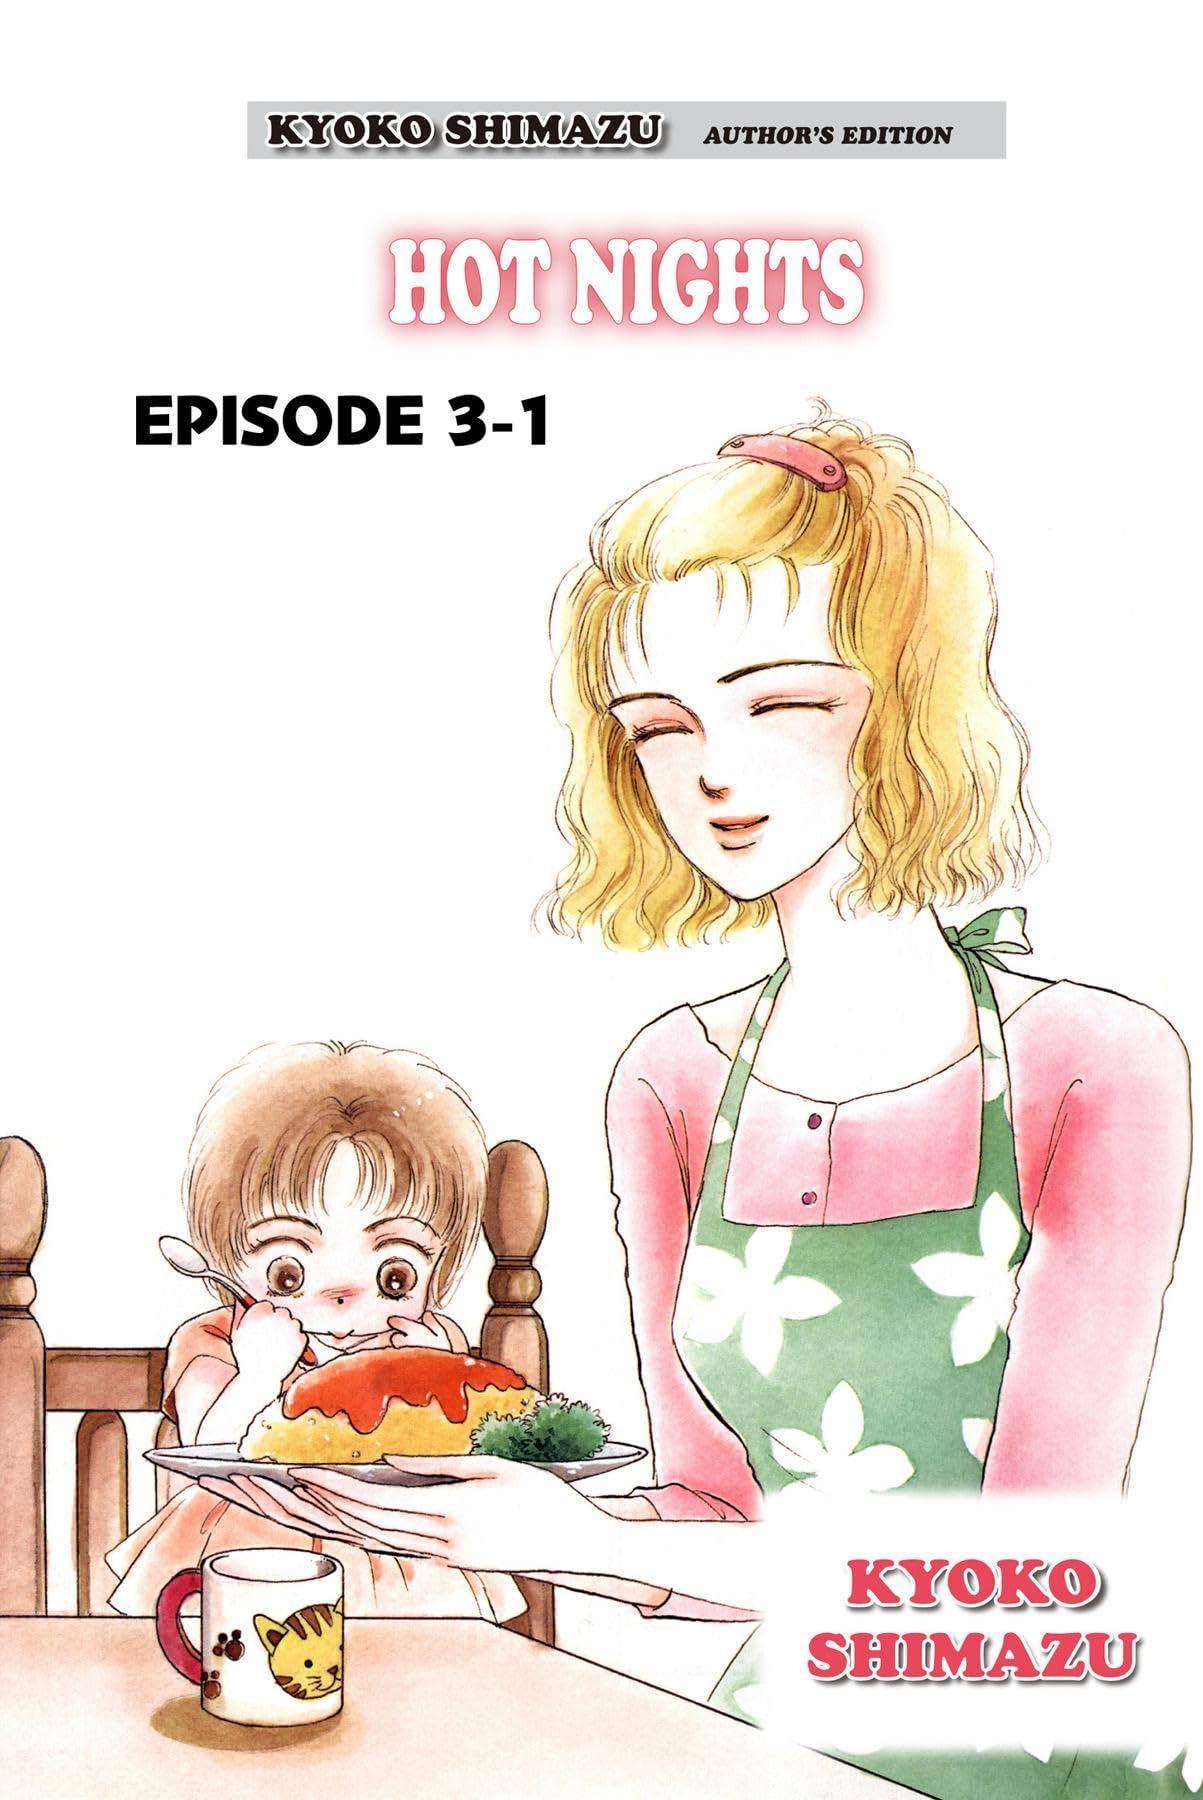 KYOKO SHIMAZU AUTHOR'S EDITION #15